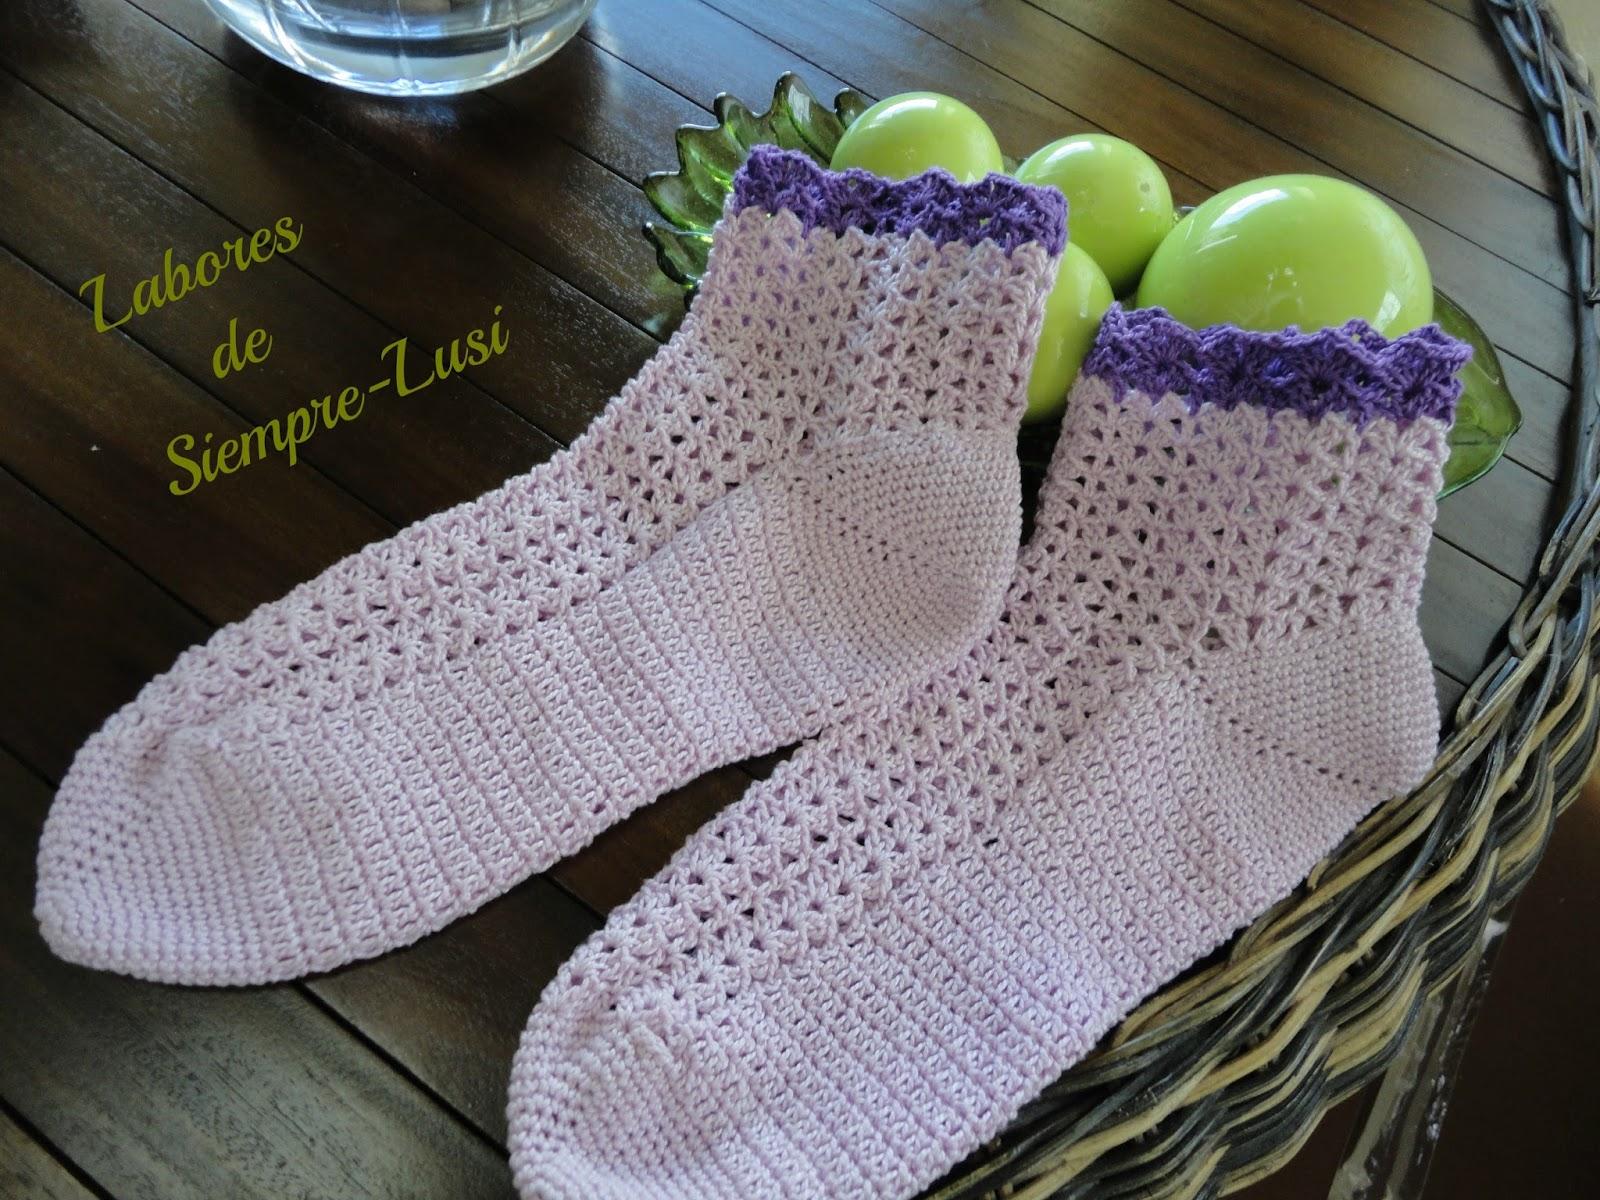 Labores de siempre calcetines a ganchillo - Como hacer calcetines de punto ...